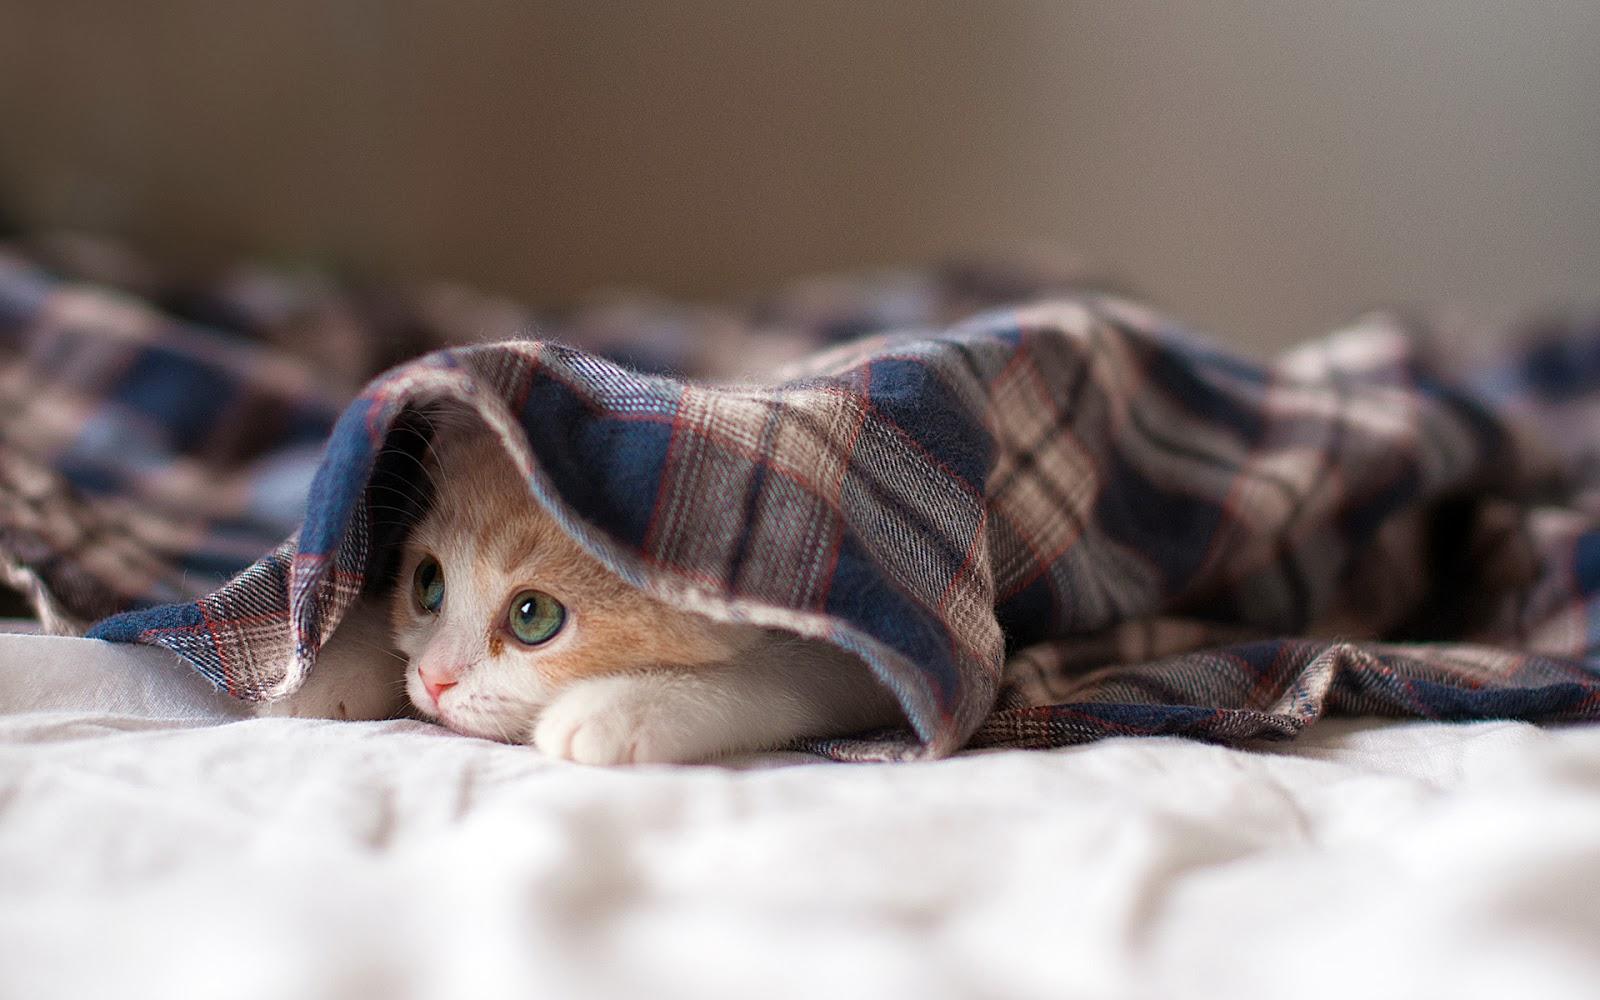 """<img src=""""http://2.bp.blogspot.com/-jKX0q7h9aWE/UuaEt9UDK5I/AAAAAAAAKaU/xIYtCtrf-6U/s1600/sleepy-kitten-wallpaper.jpg"""" alt=""""sleepy kitten wallpaper"""" />"""